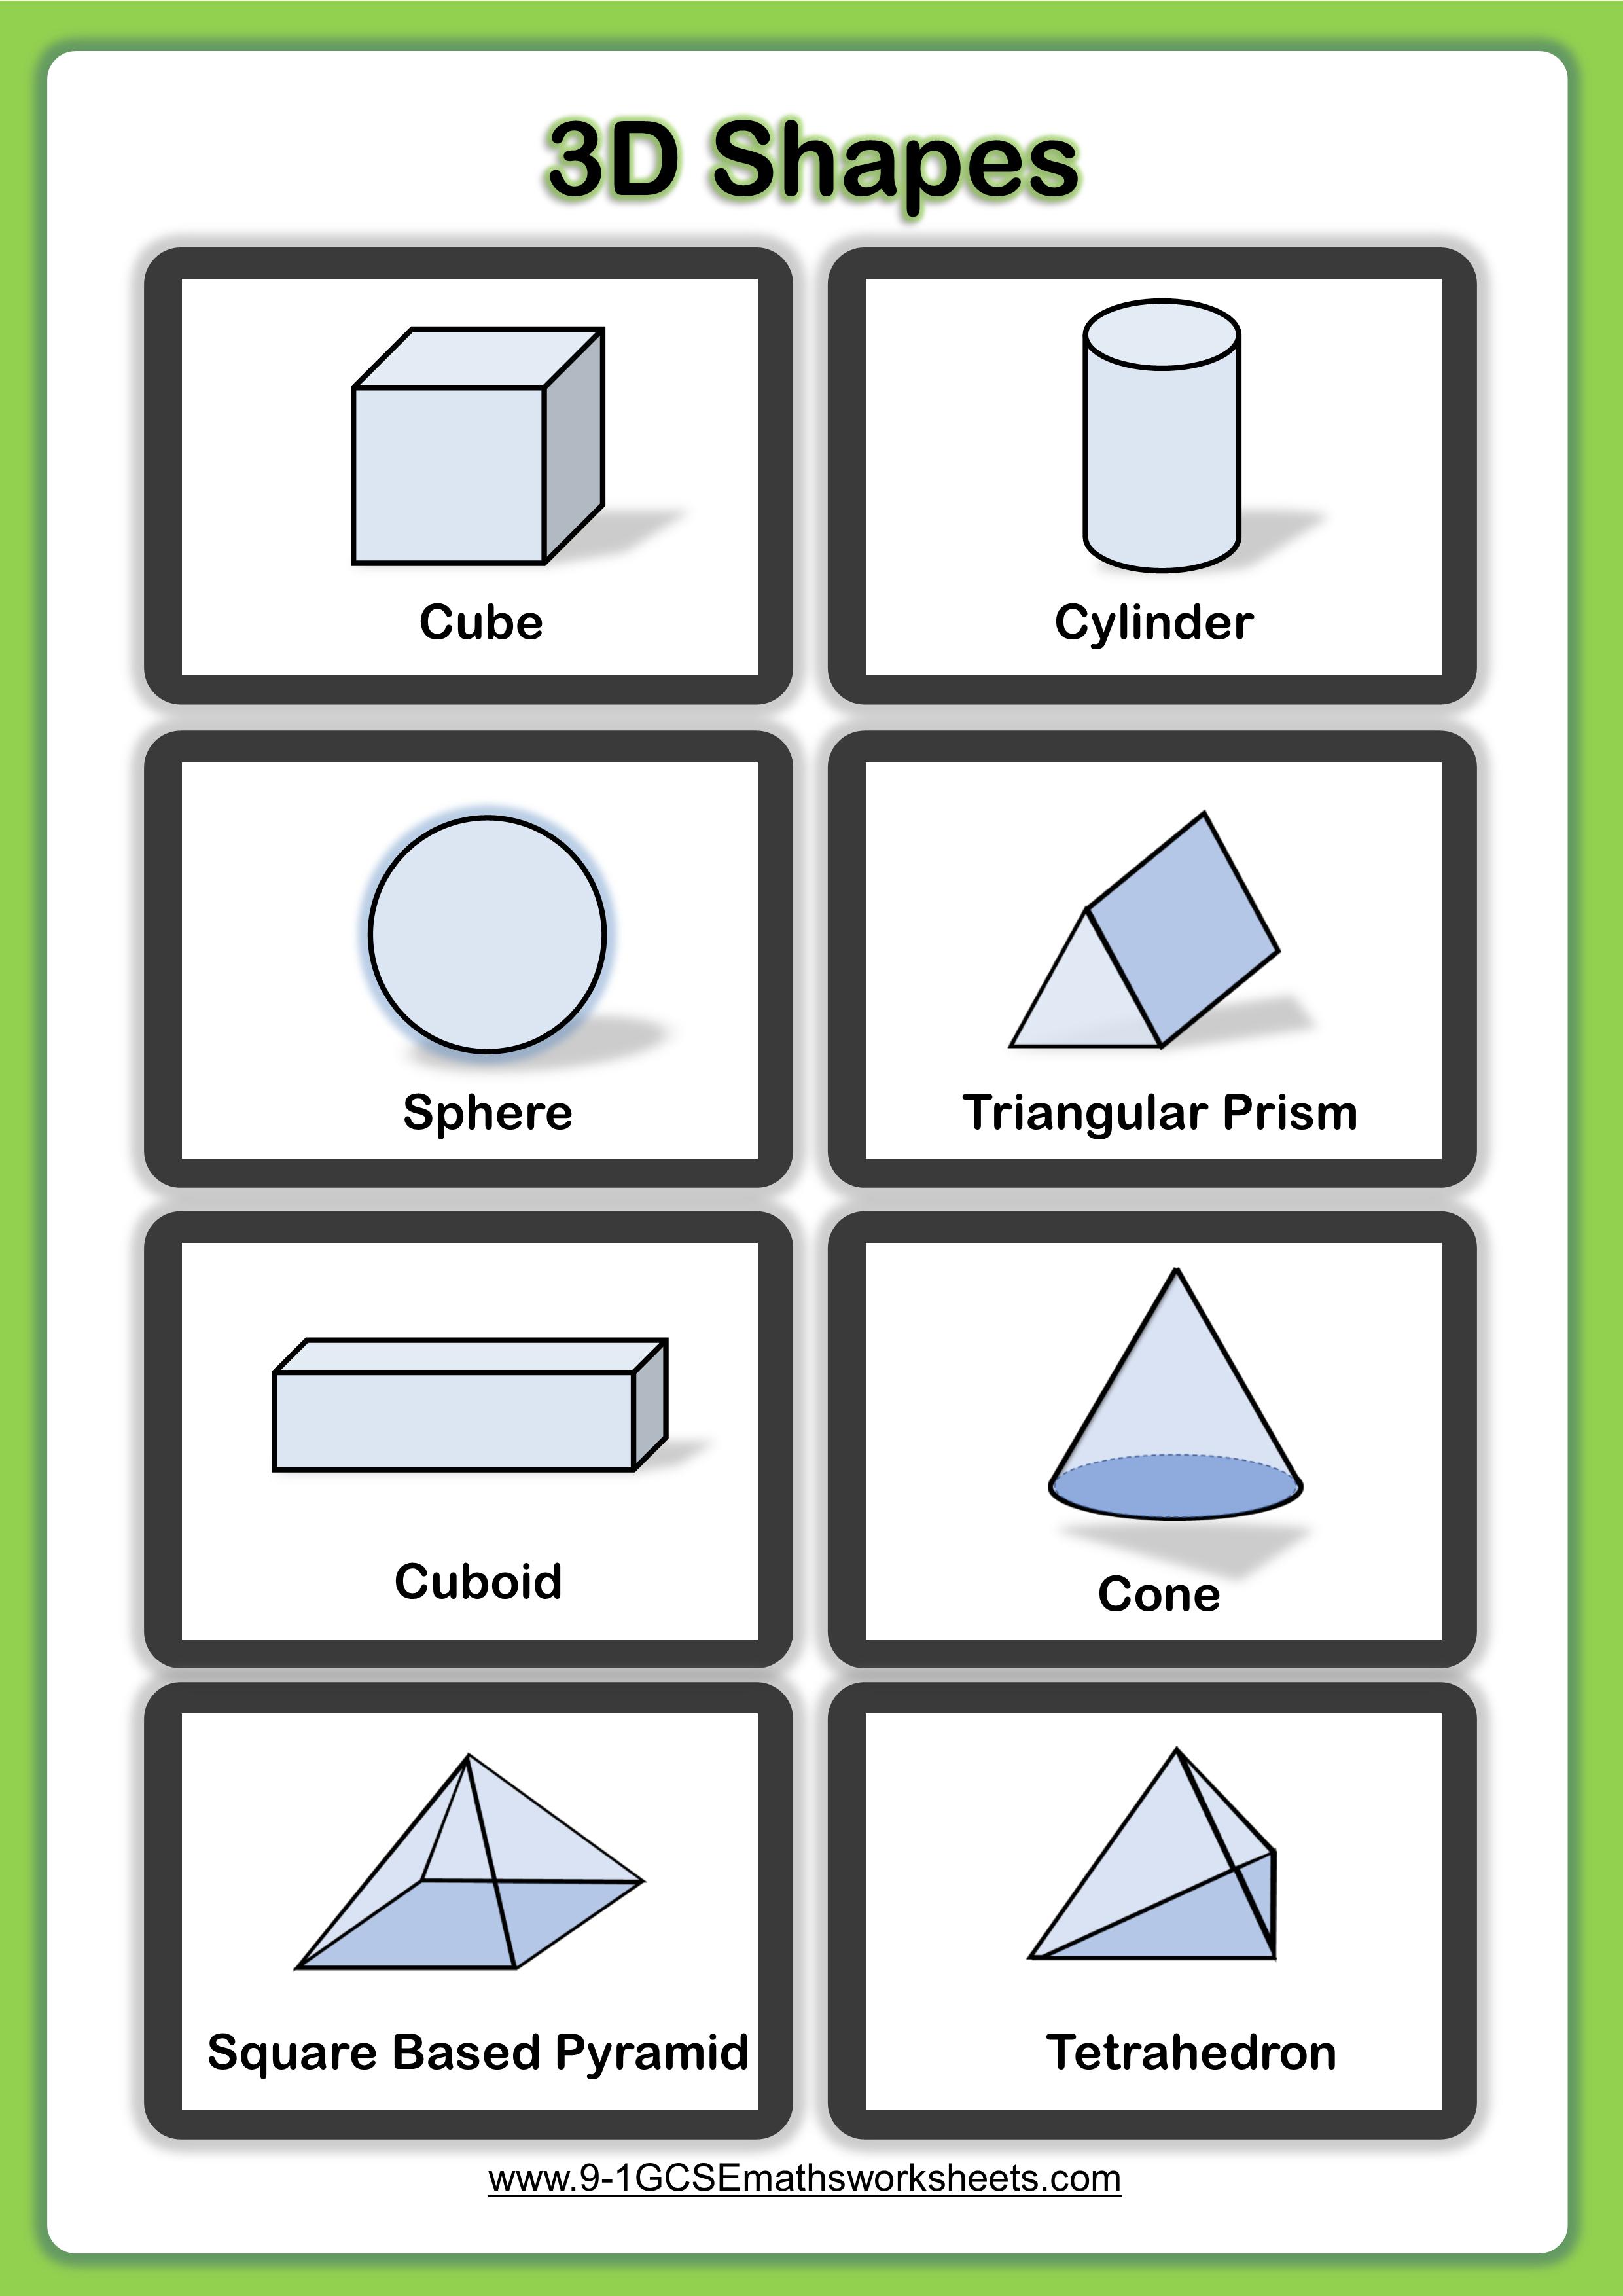 3d shapes worksheet